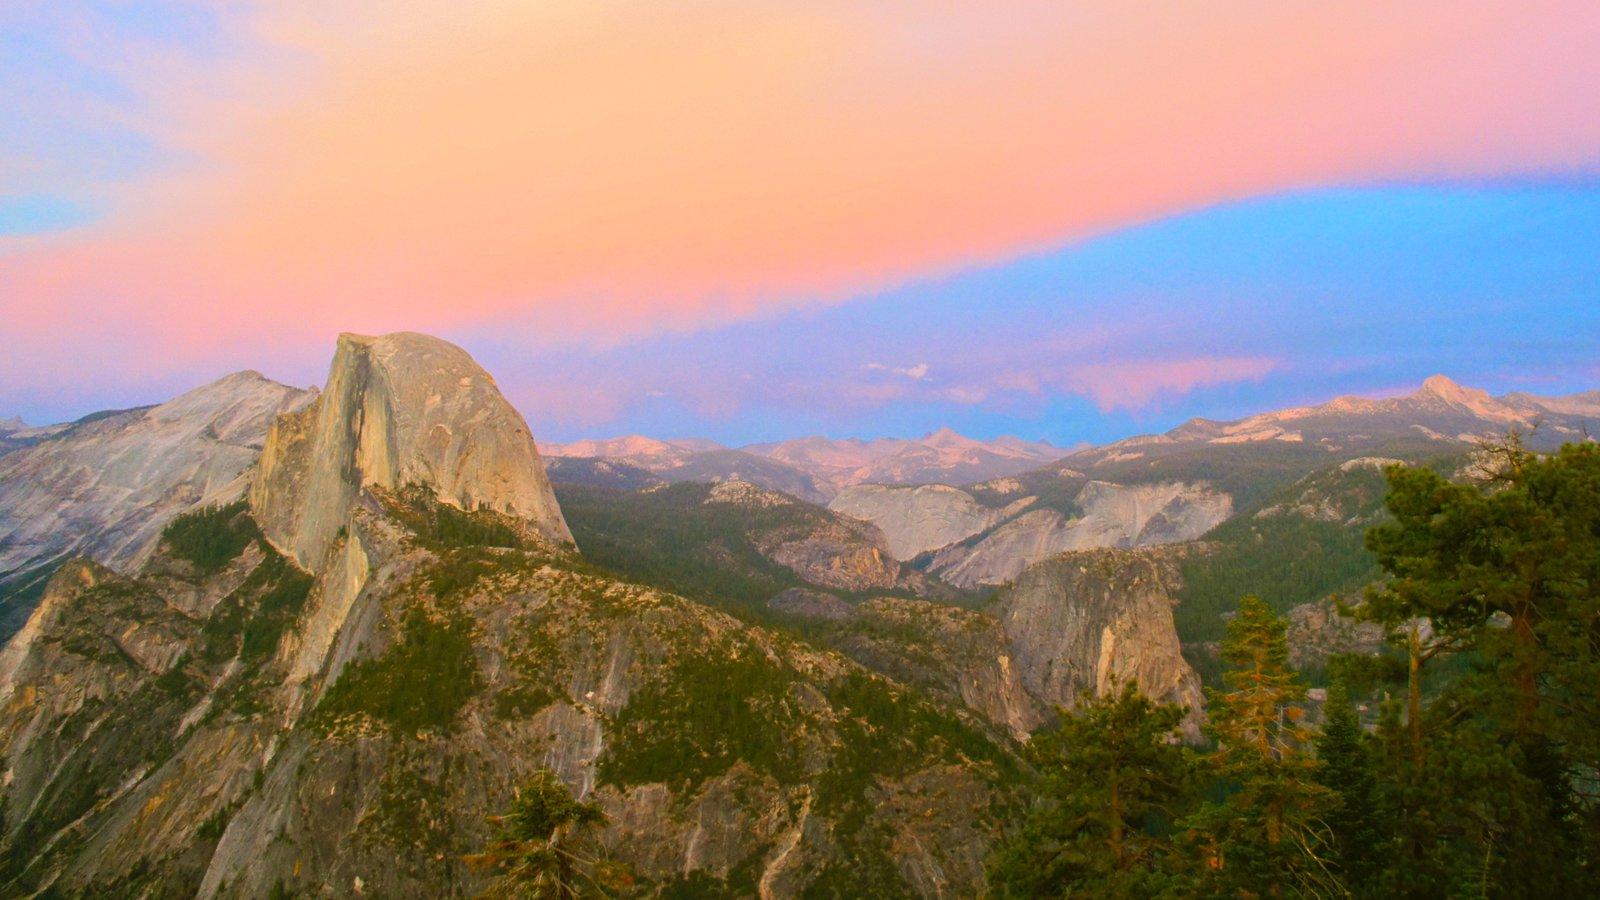 Yosemite Valley mostrando um pôr do sol, montanhas e um desfiladeiro ou canyon